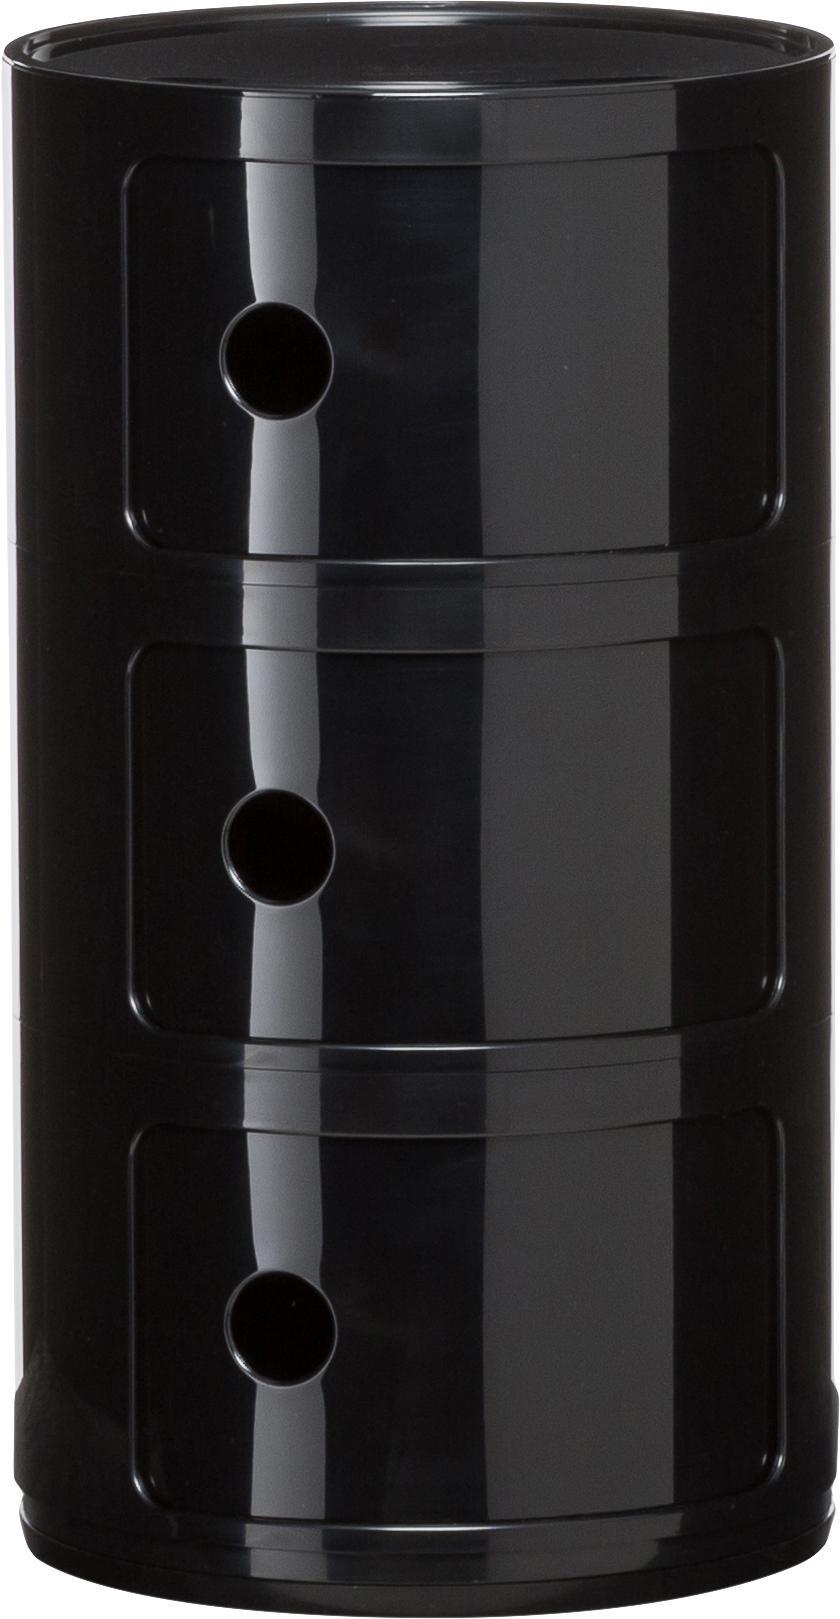 Design Container Componibile, Kunststoff, Schwarz, glänzend, Ø 32 x H 59 cm